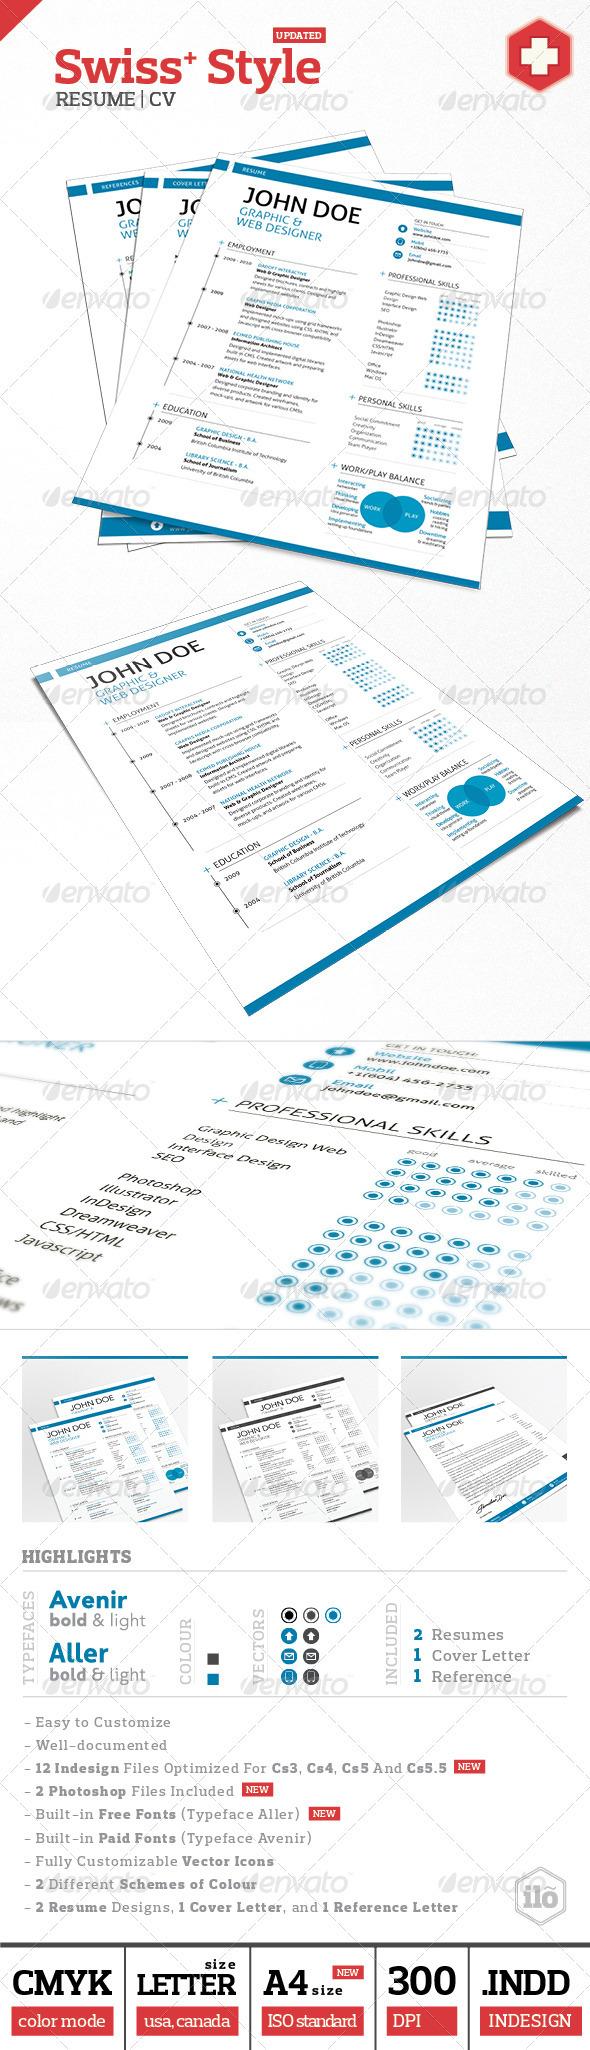 15 Plantillas de Currículums para Imprimir